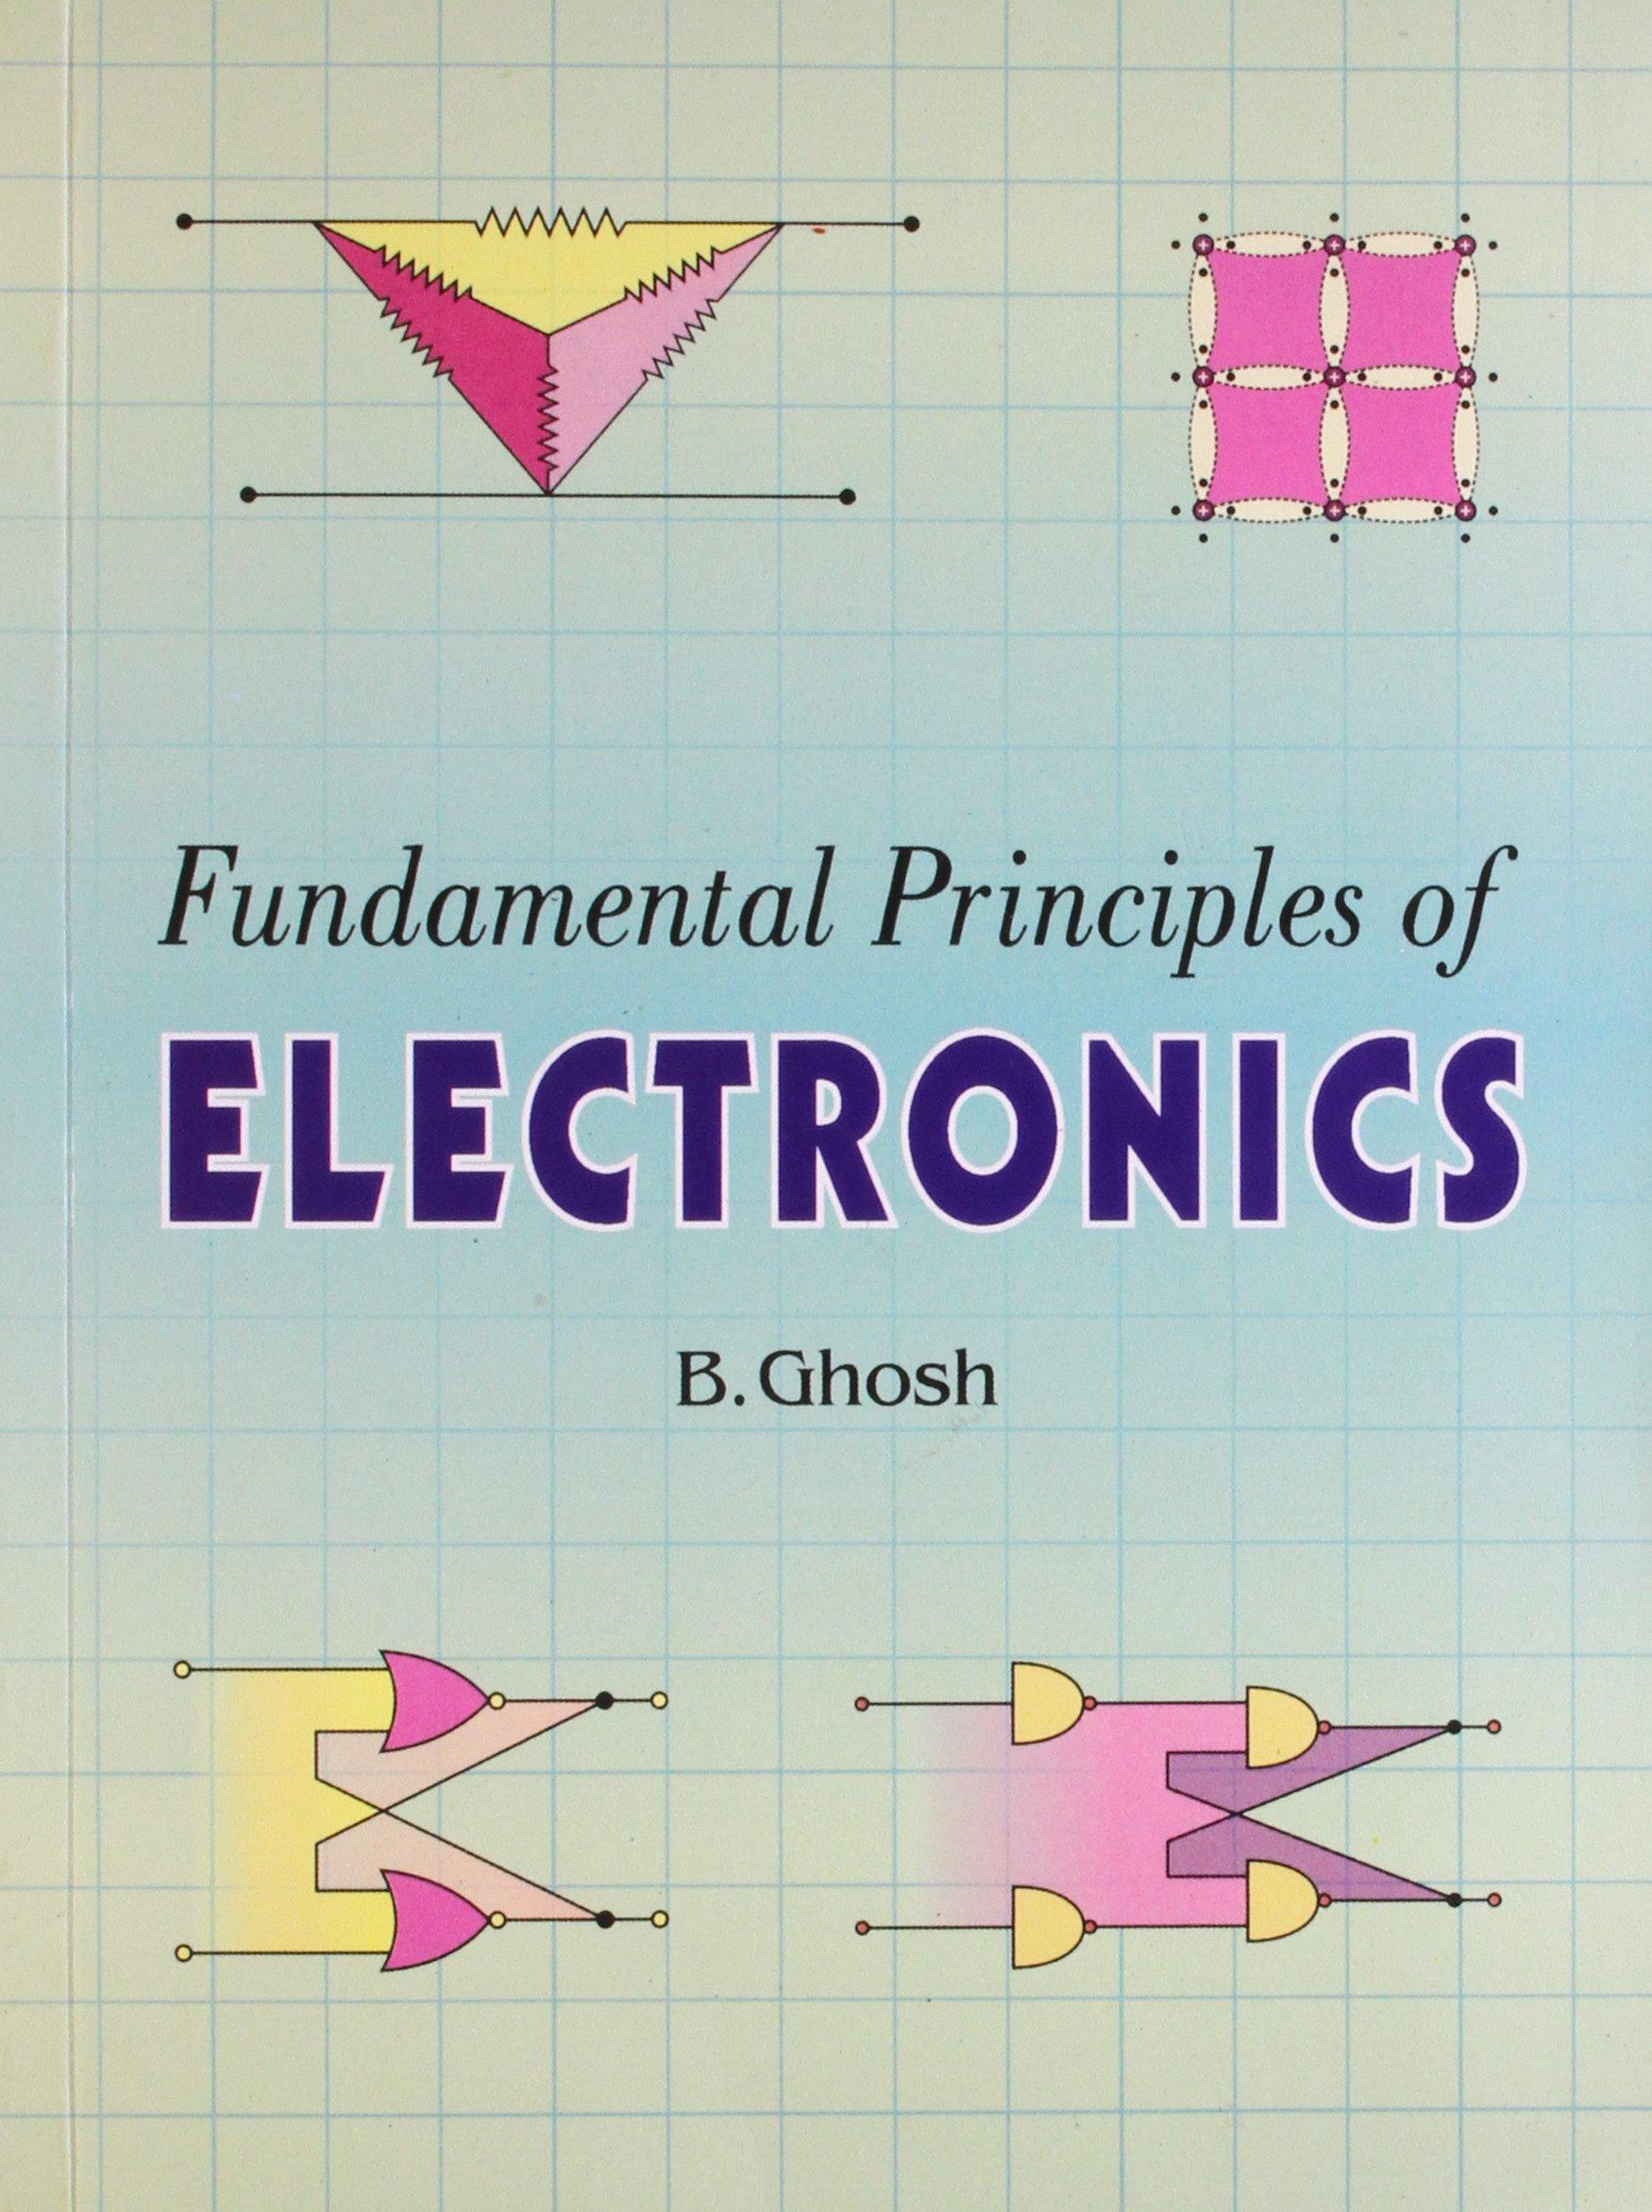 Fundamentals Principles of Electronics: 9788187134398